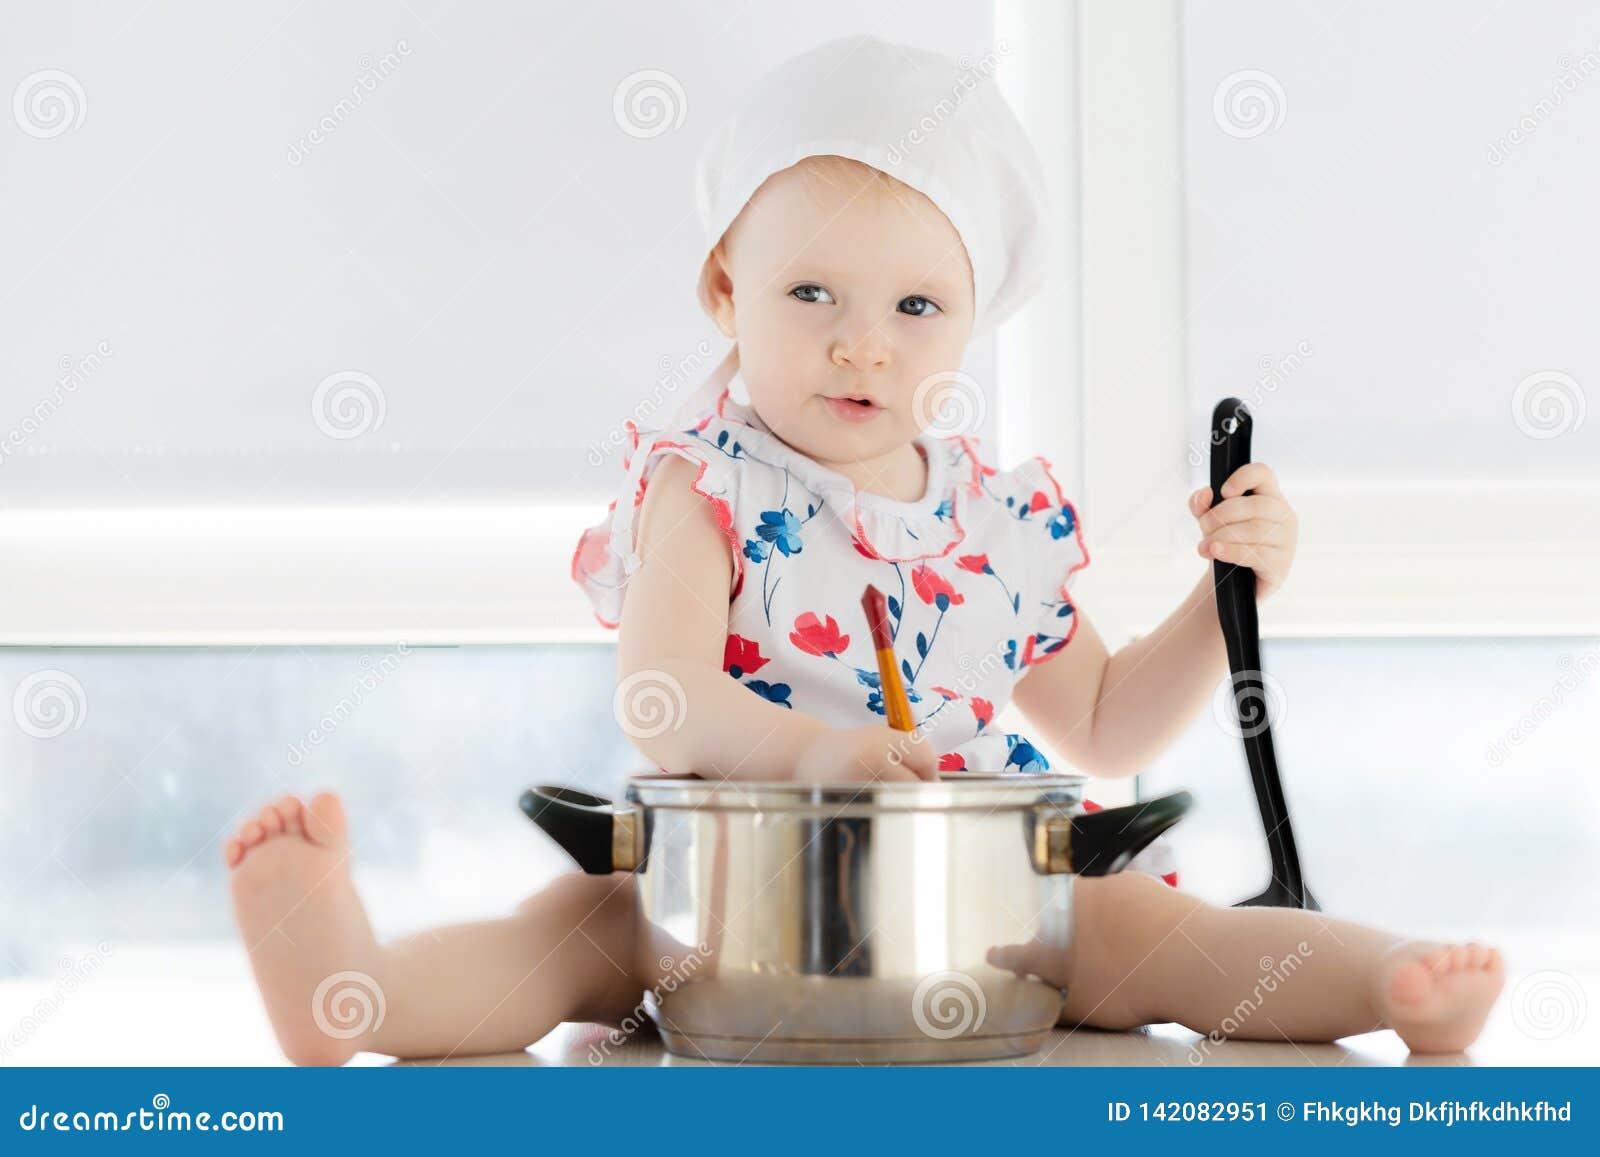 Petite fille mignonne jouant dans la cuisine avec des pots